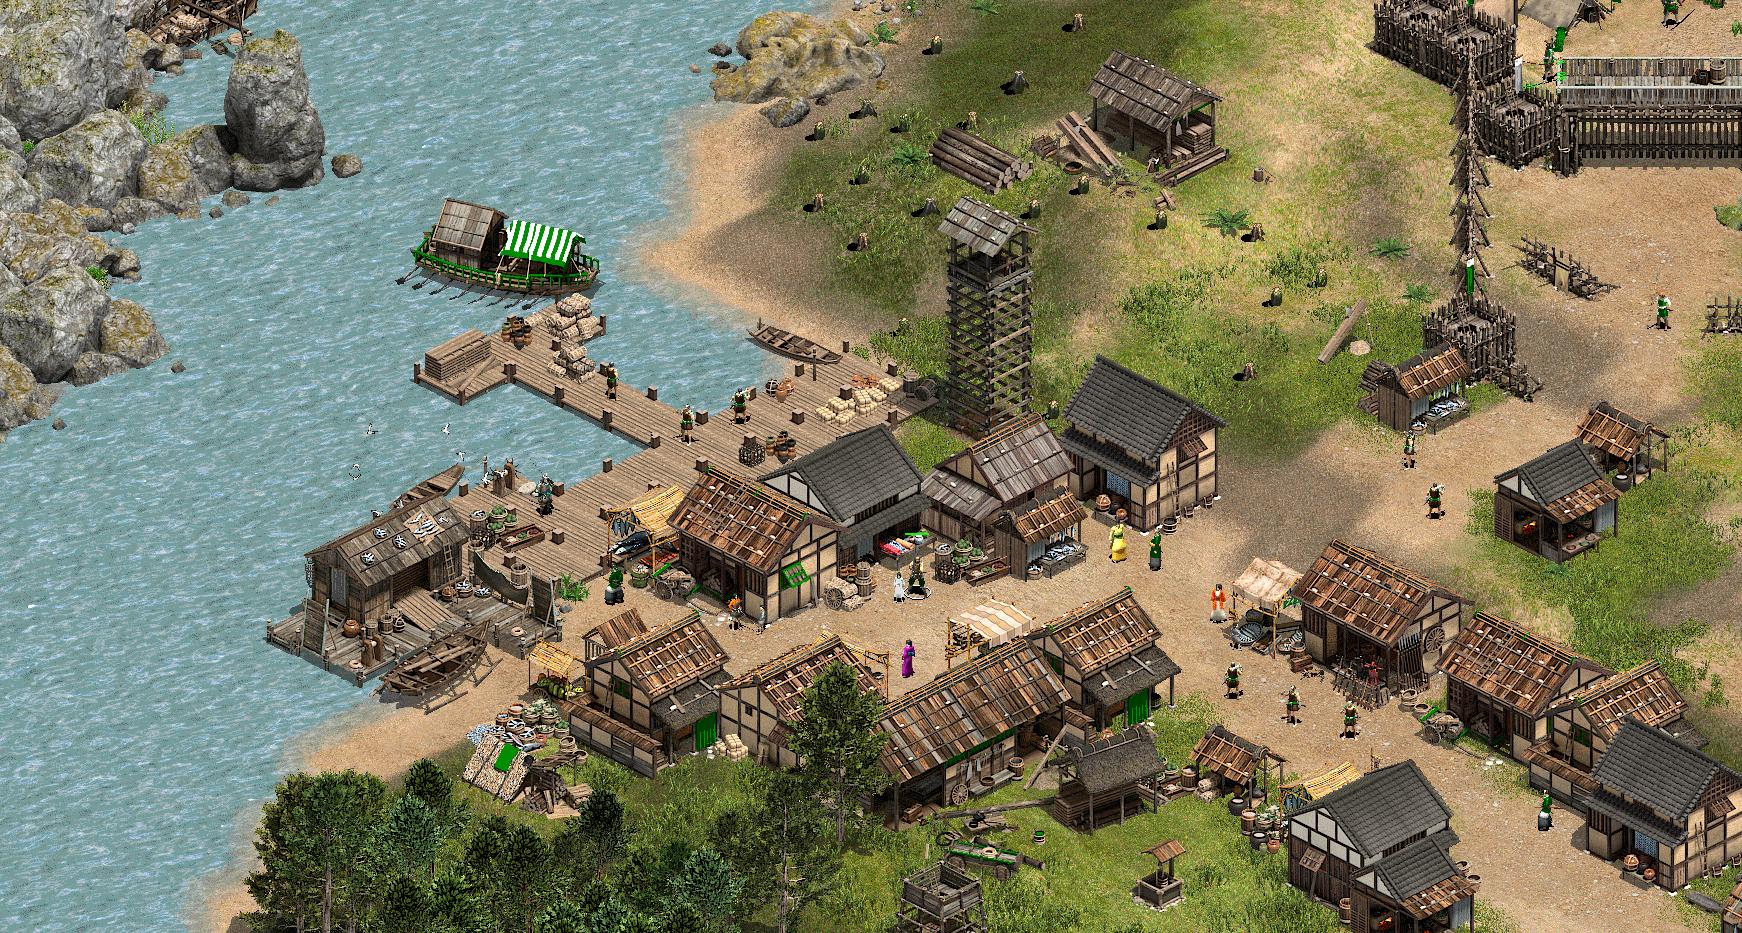 Mori Village